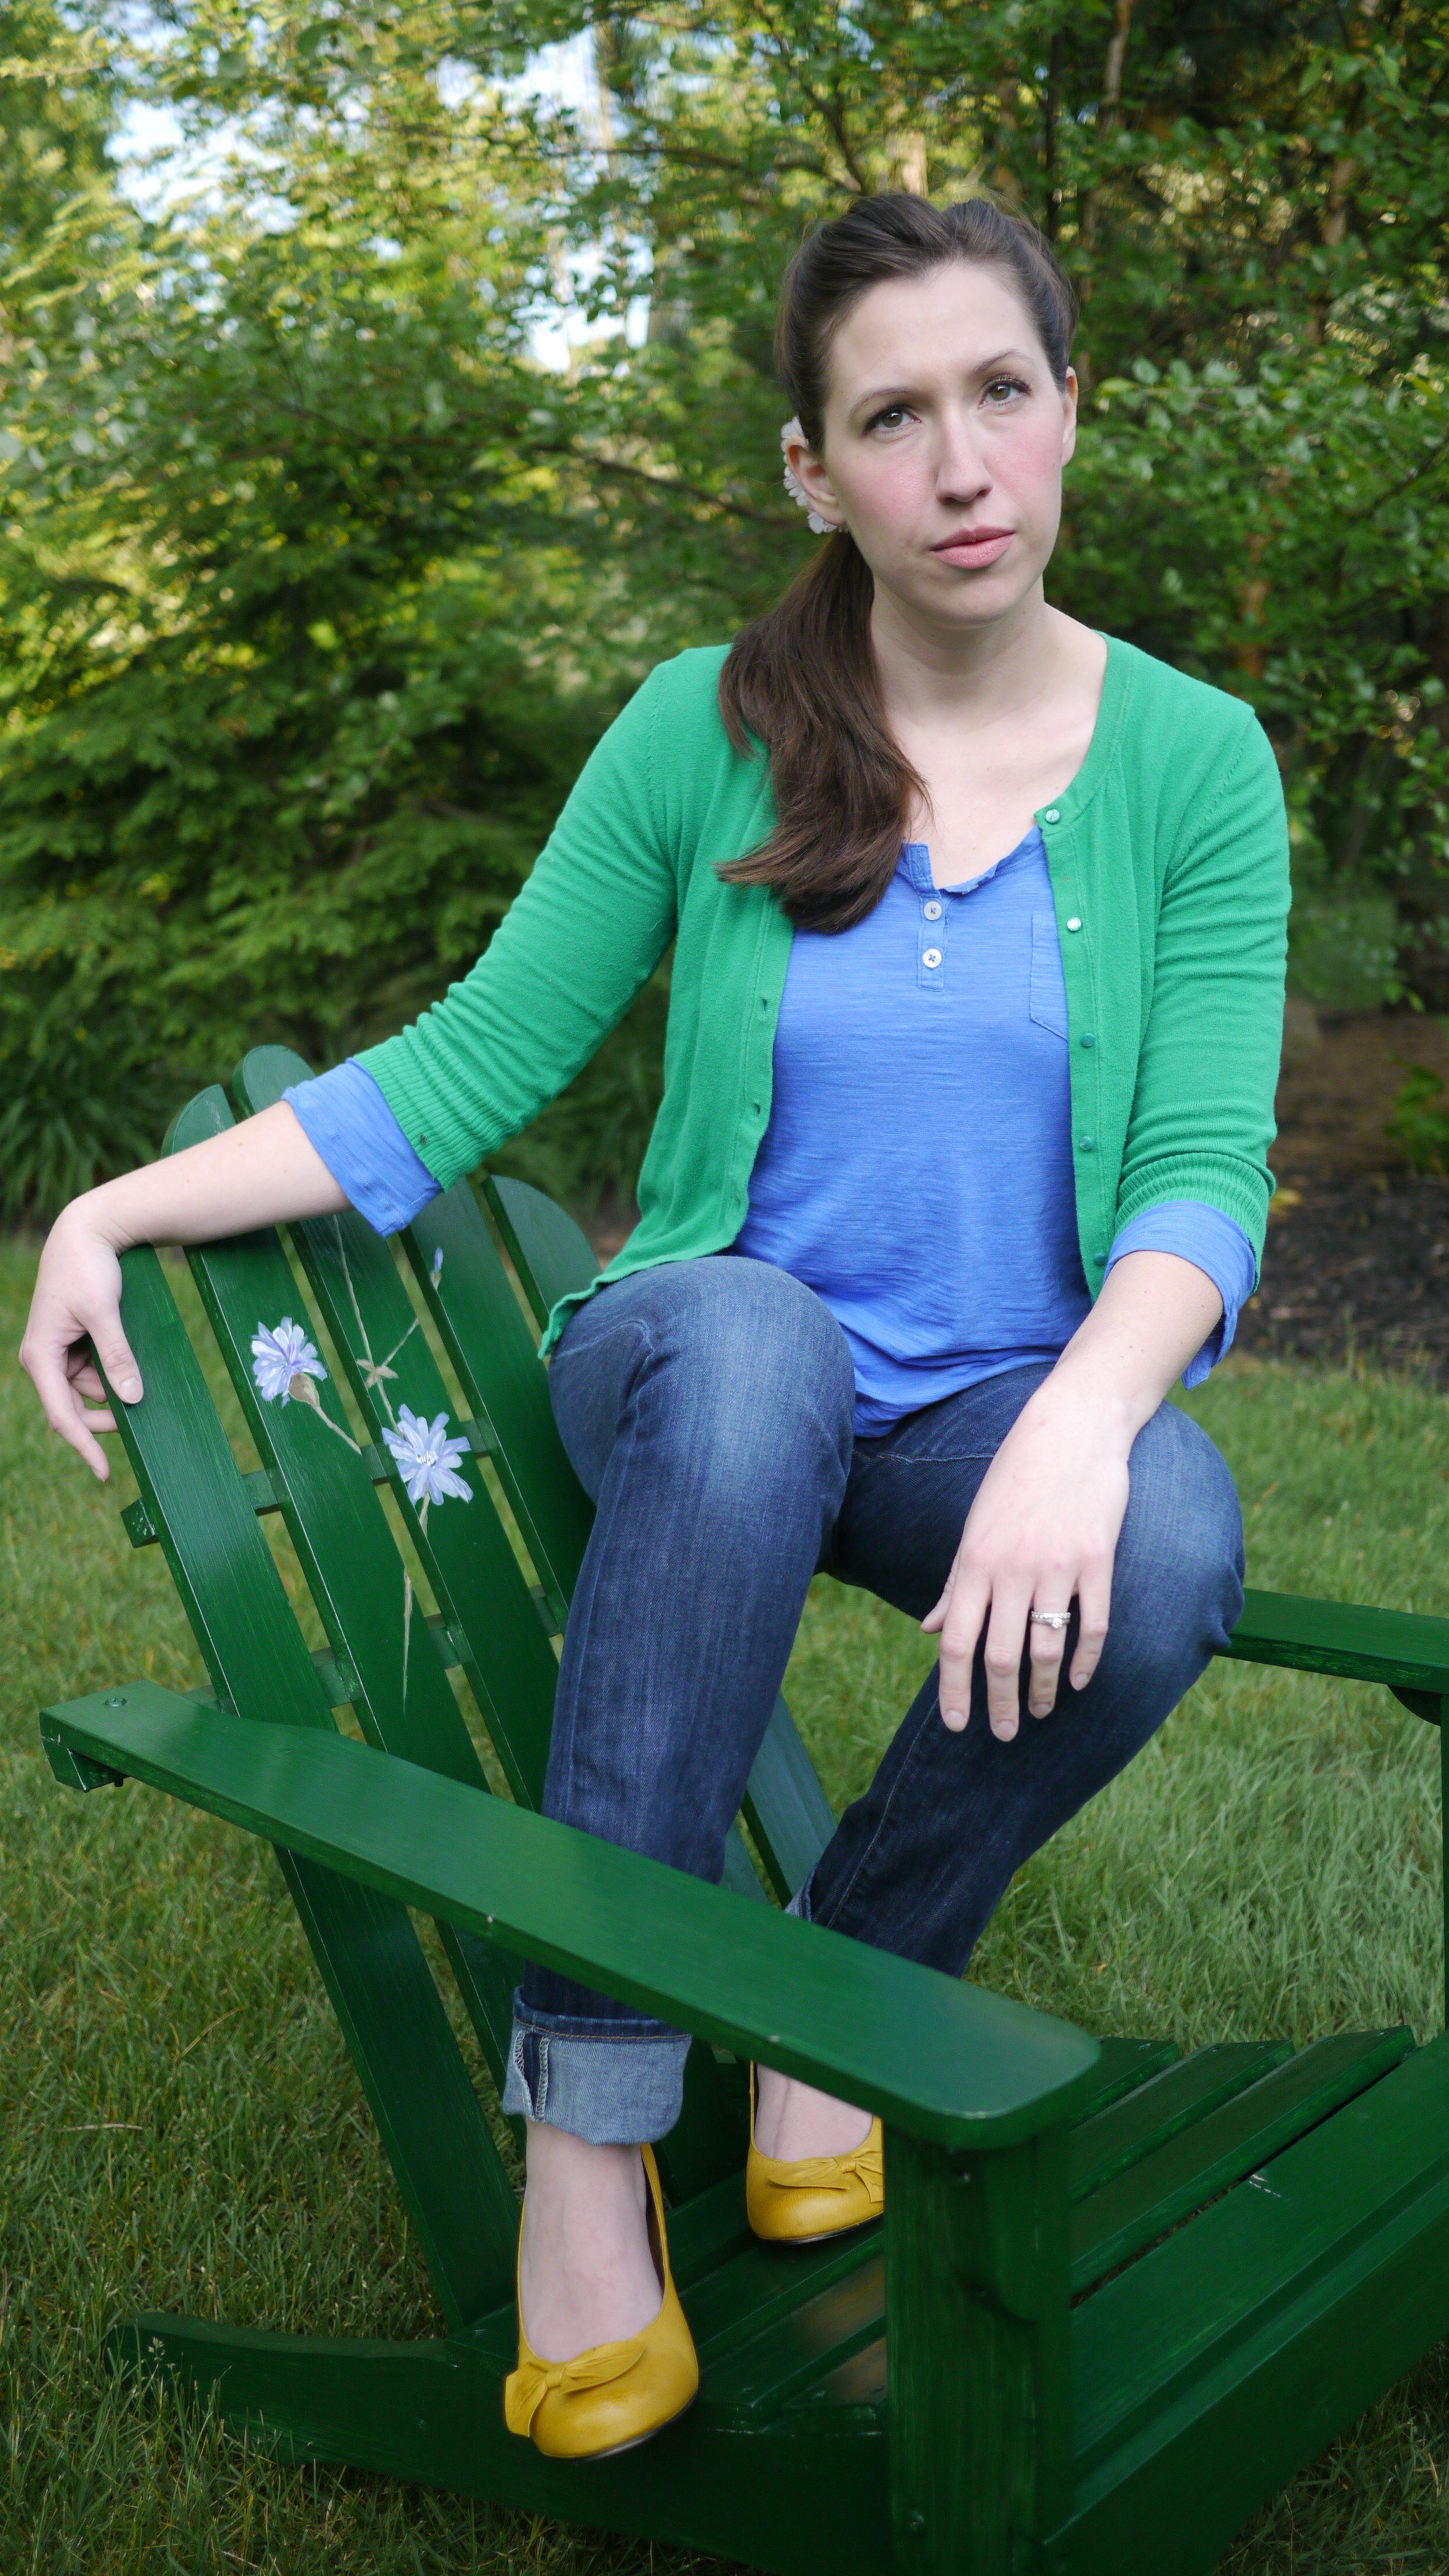 Novelist Kate Karyus Quinn has been a voracious reader since childhood.